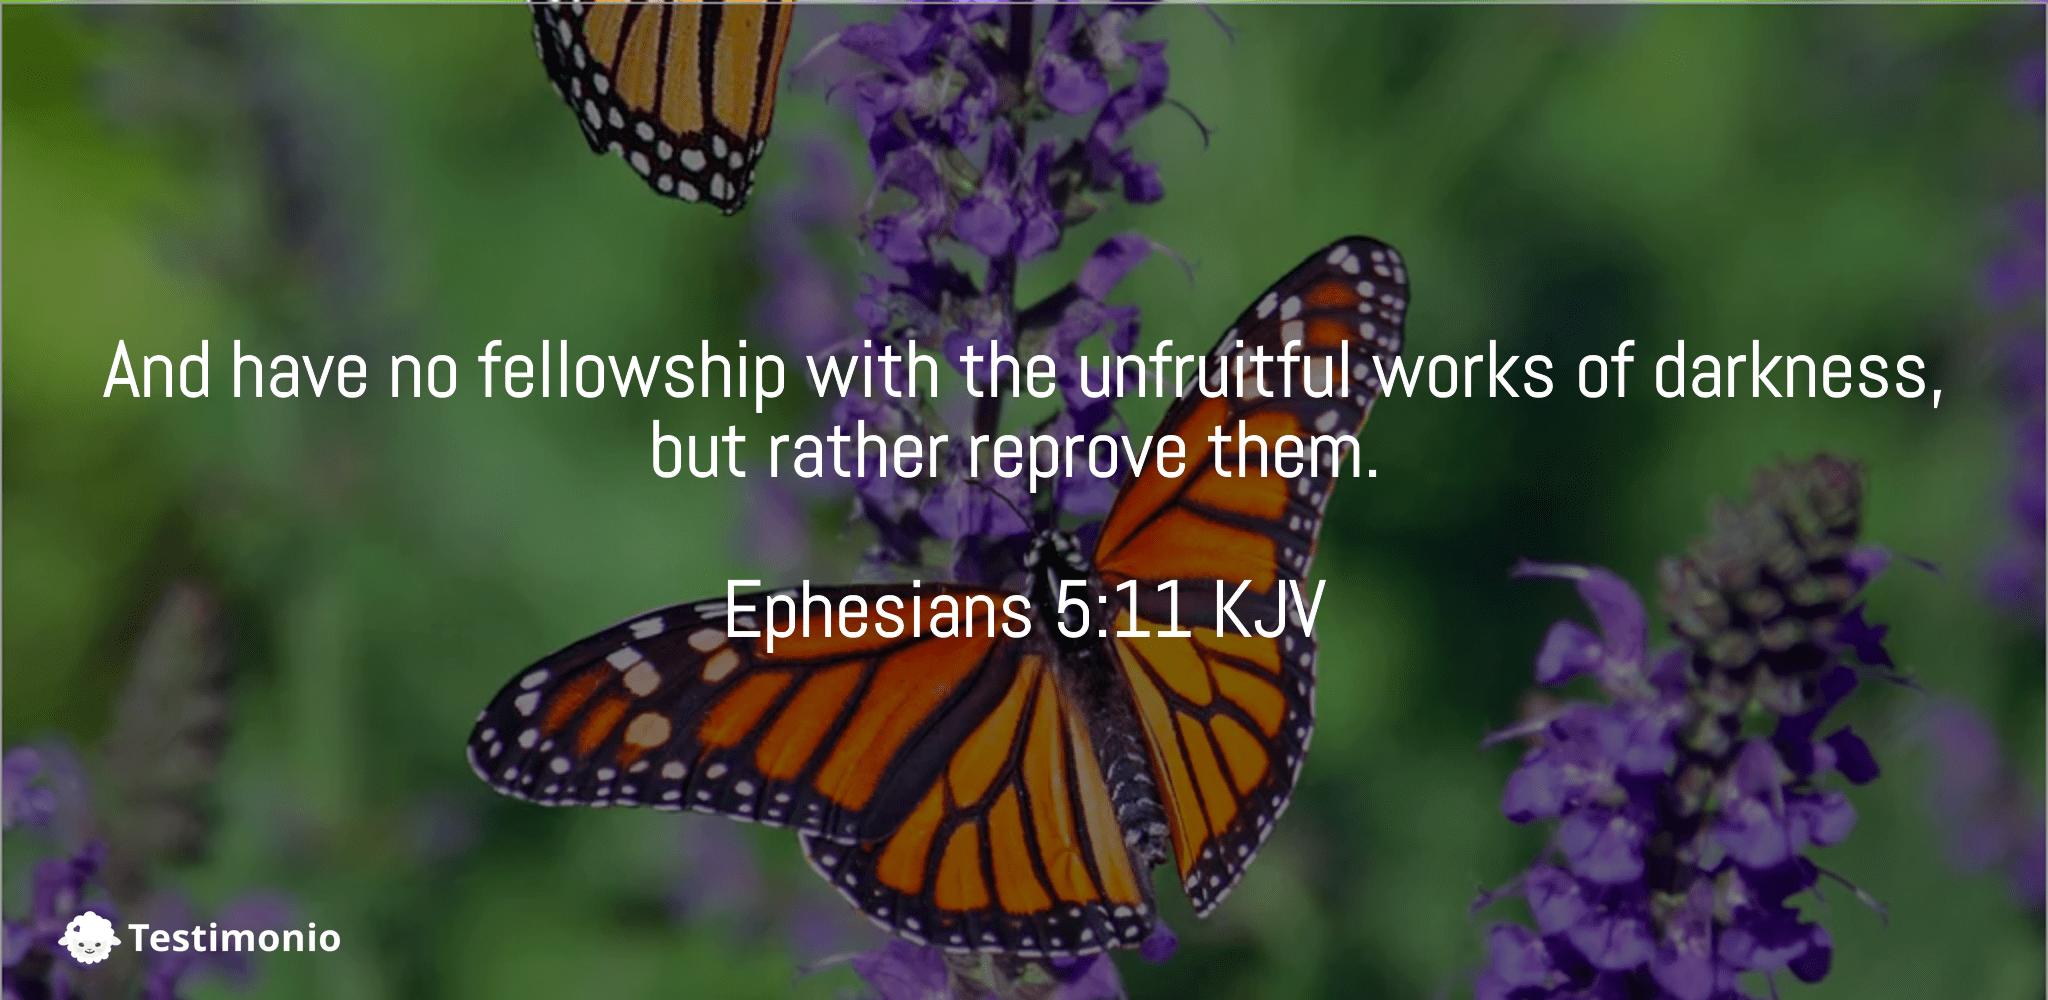 Ephesians 5:11